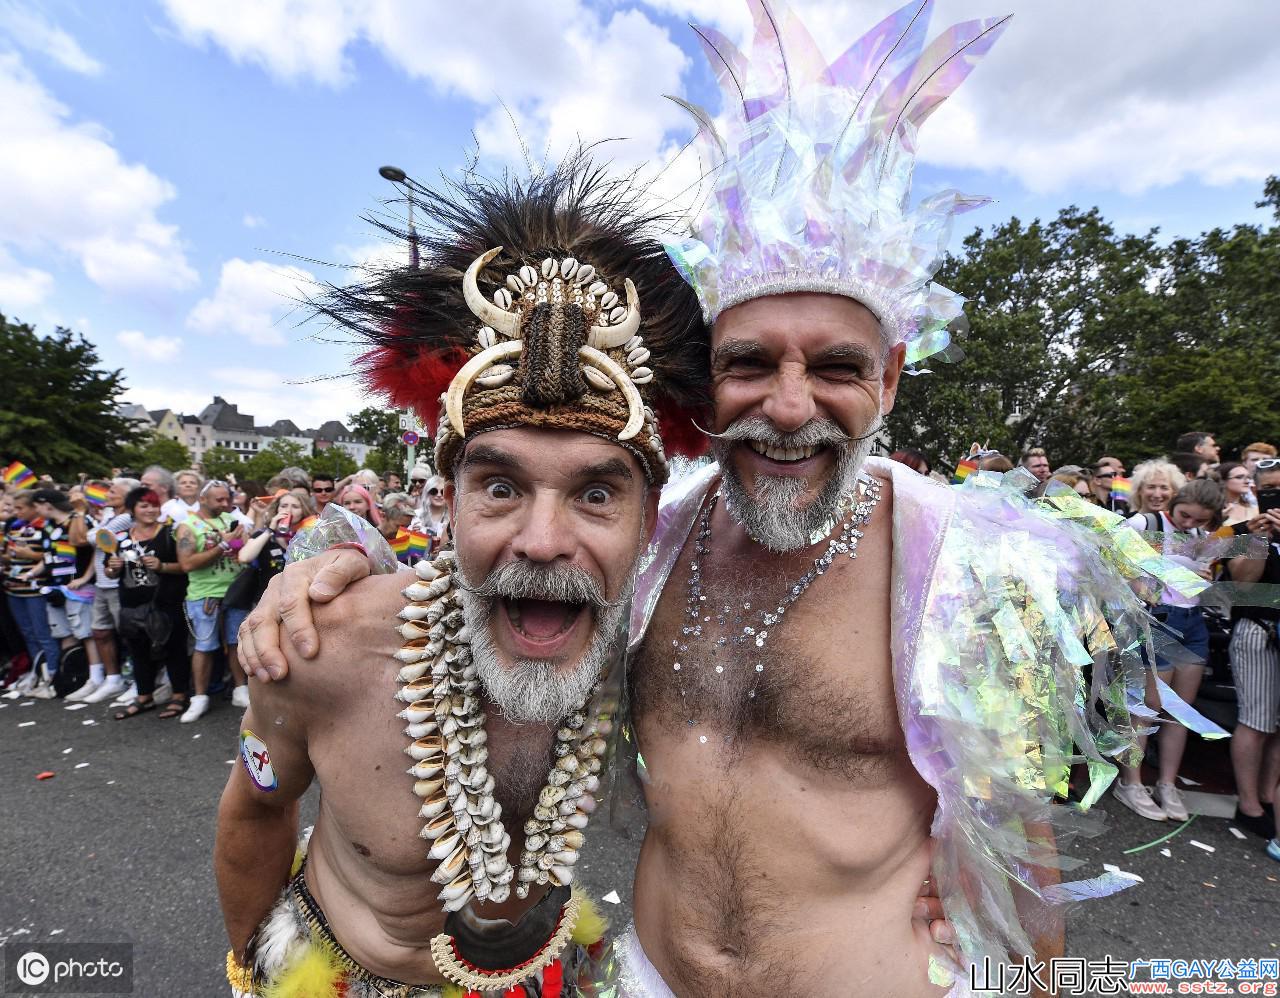 德国科隆同性恋游行,吸引100万观众,众多奇装异服者博人眼球